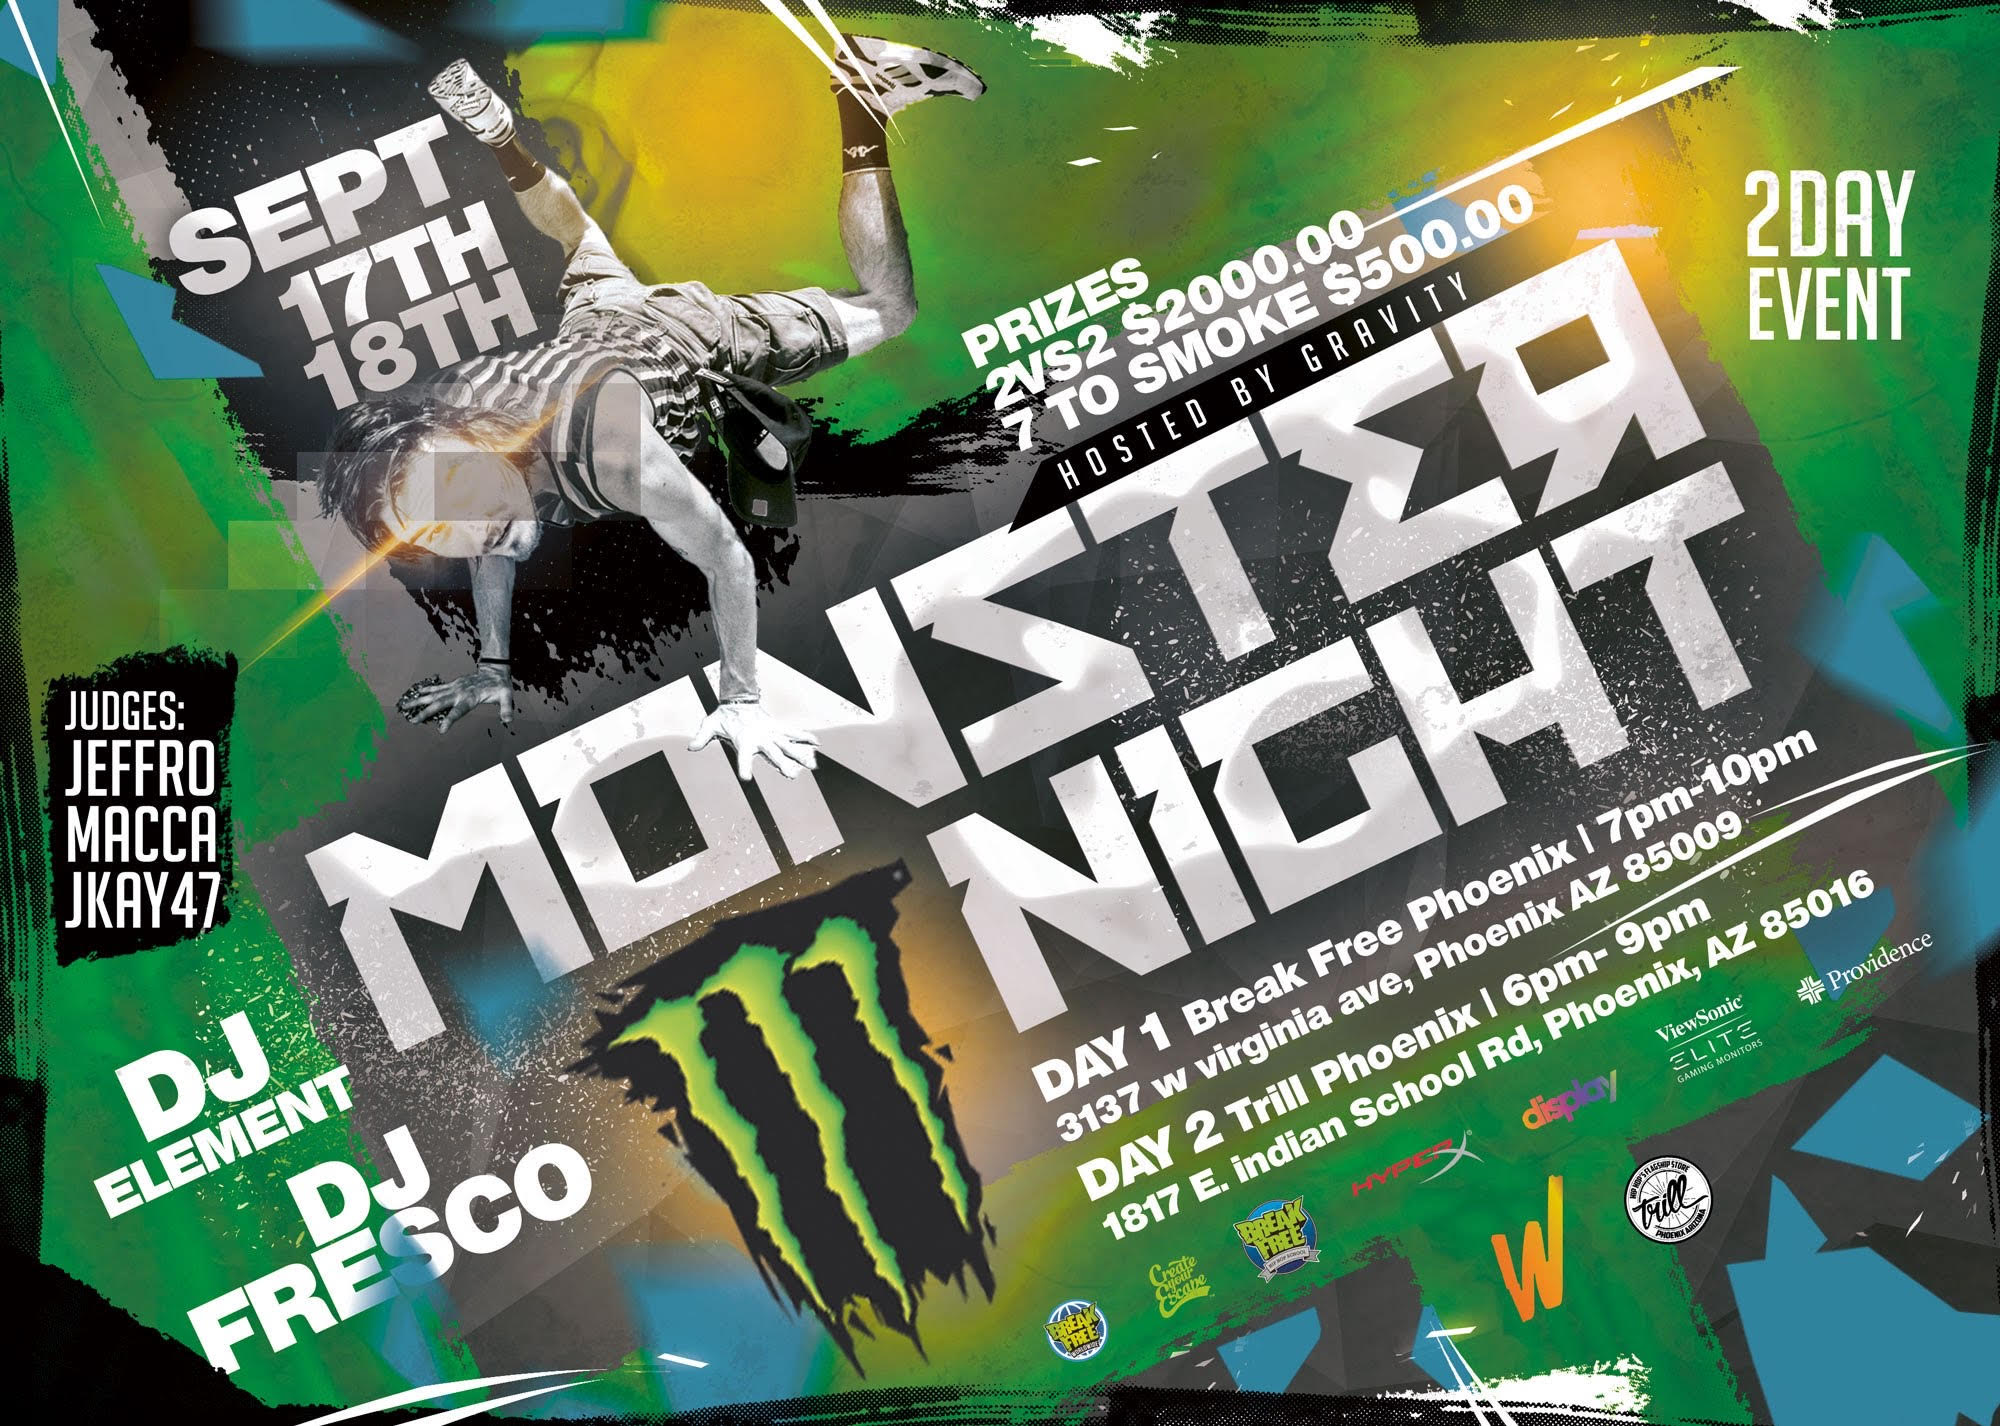 Monster Night Day 2